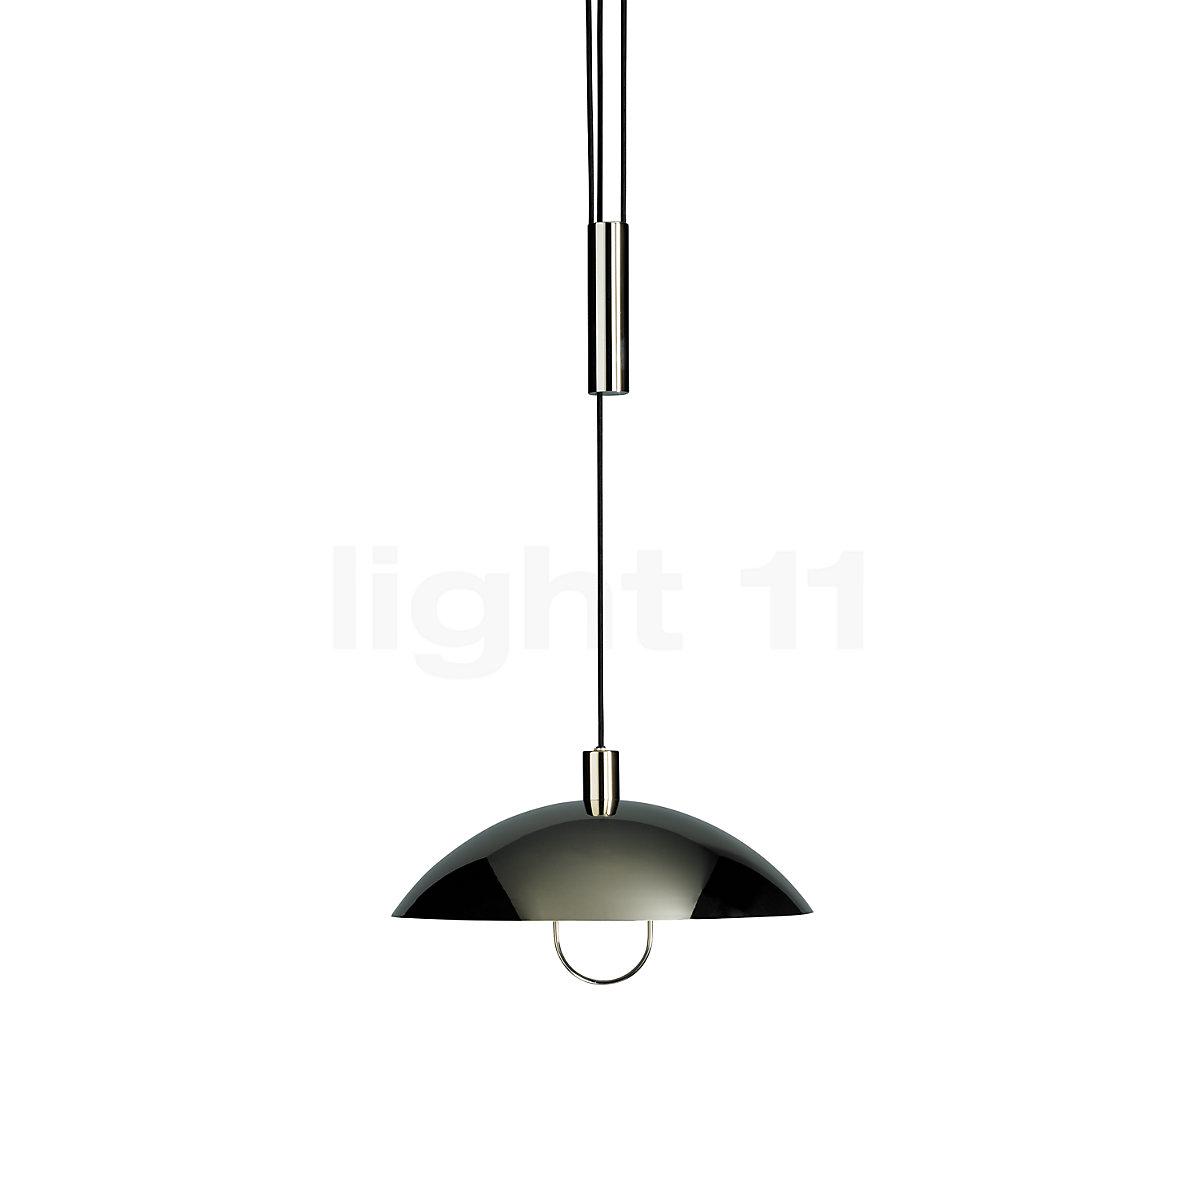 Pendelleuchte GU10 in Grau Aluminium Hängeleuchte Bauhaus